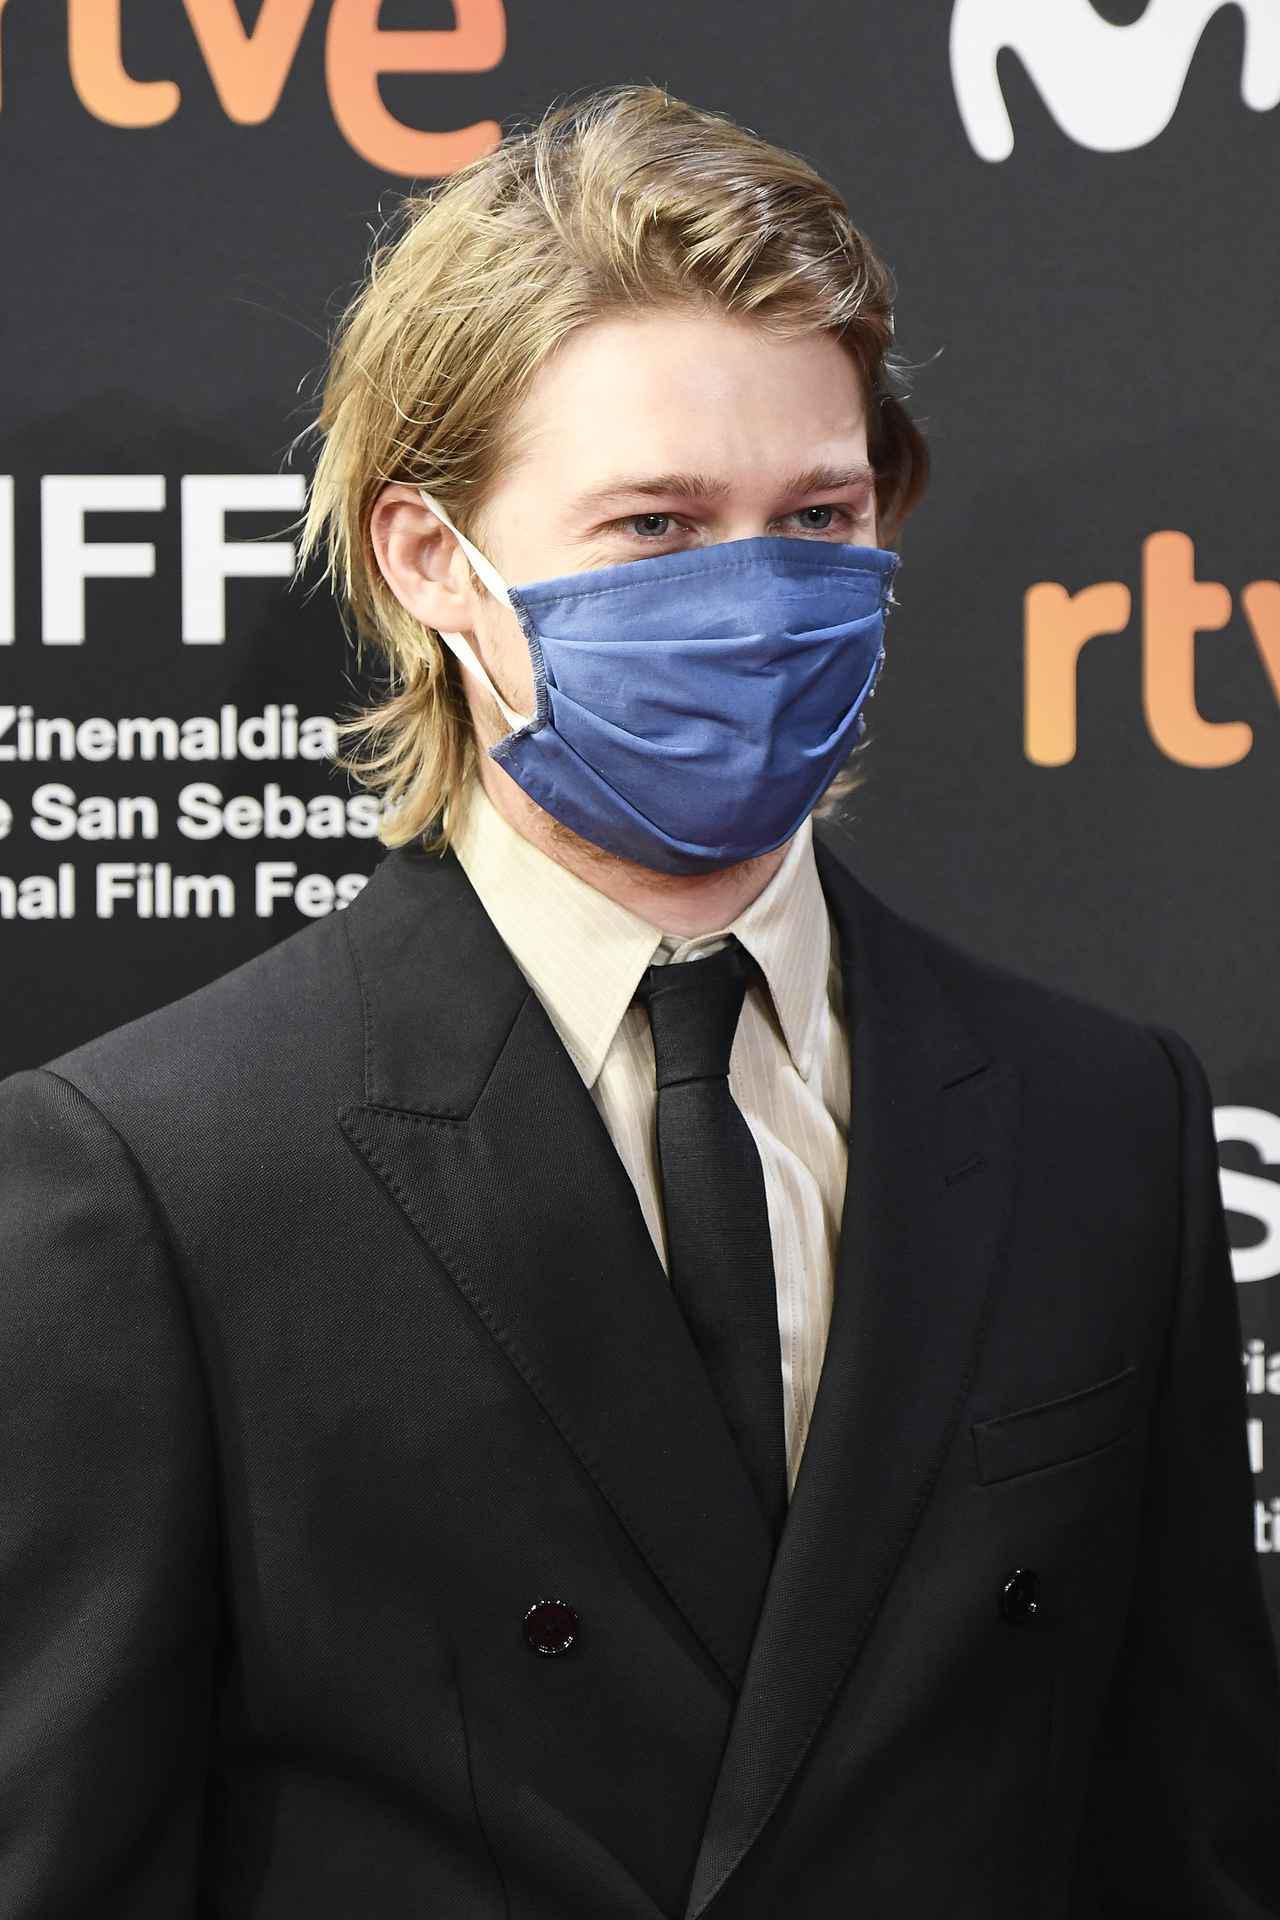 画像1: ジョー・アルウィンがスペインの映画祭に参加